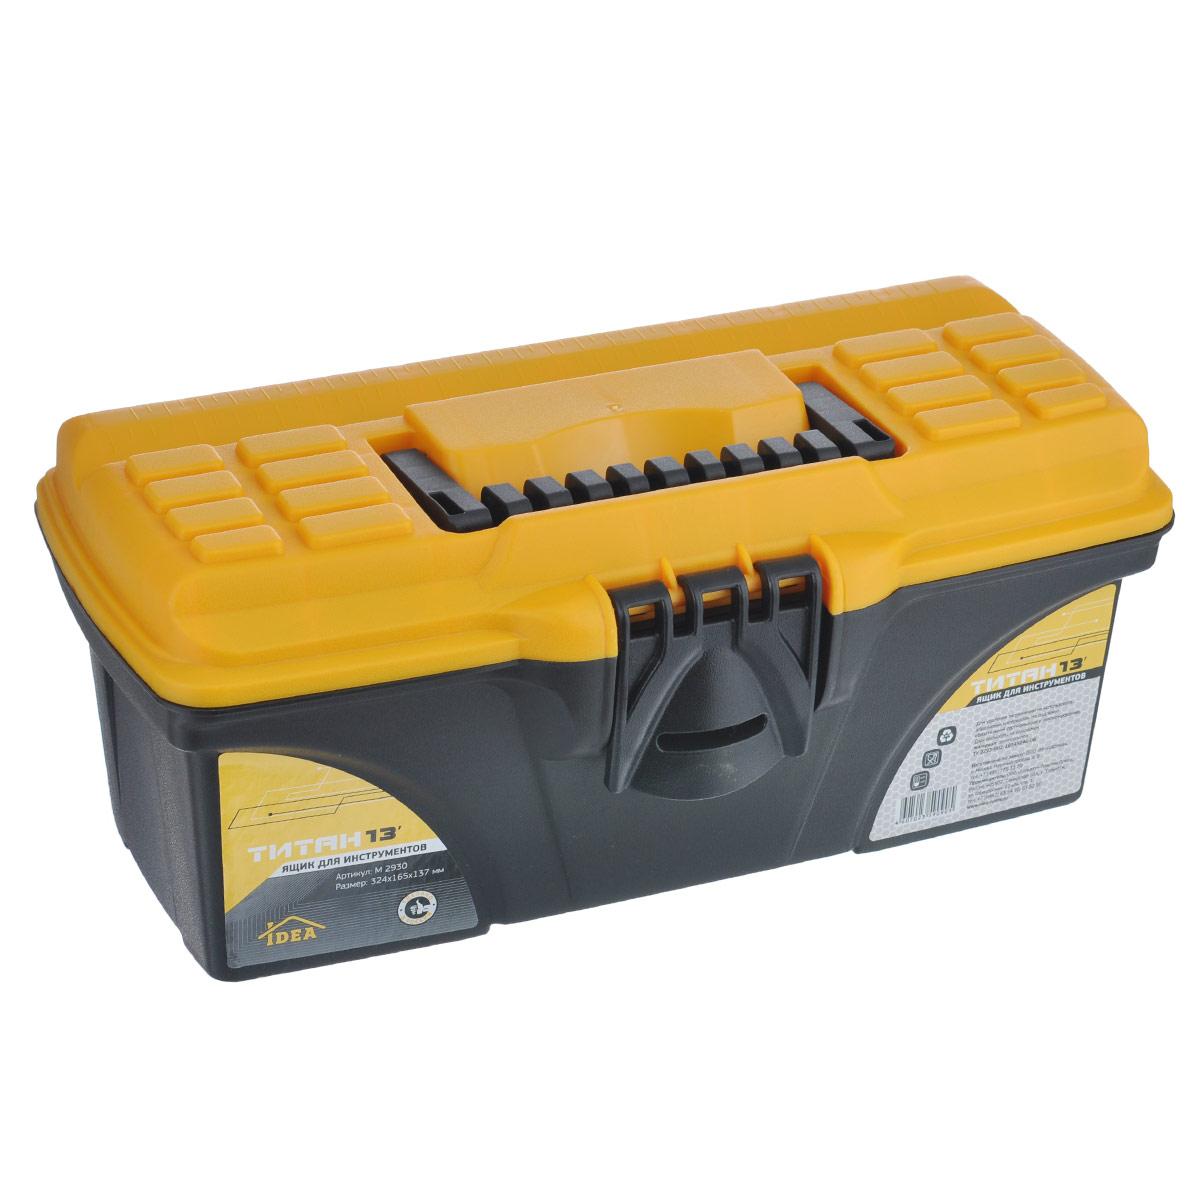 Ящик для инструментов Idea Титан 13, 32,4 х 16,5 х 13,7 см98298123_черныйЯщик Idea Титан 13 изготовлен из прочного пластика и предназначен для хранения и переноски инструментов. Вместительный, внутри имеет большое главное отделение. Крышка ящика оснащена линейкой. Для более комфортного переноса в руках, на крышке ящика предусмотрена удобная ручка.Ящик закрывается при помощи крепкой защелки, которая не допускает случайного открывания.